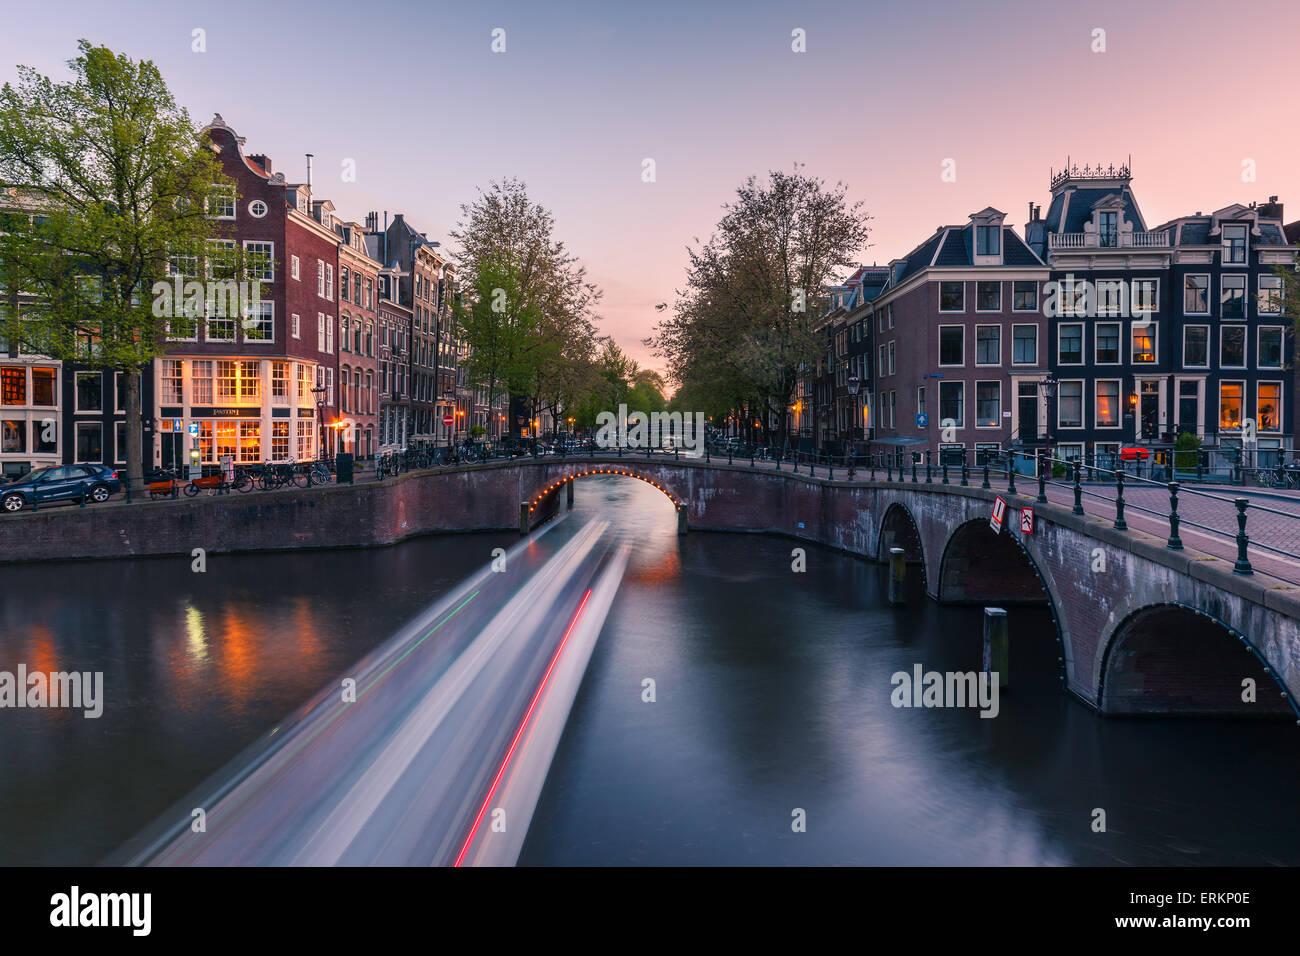 Une soirée au près de canaux le Keizersgracht à Amsterdam, aux Pays-Bas. Photo Stock